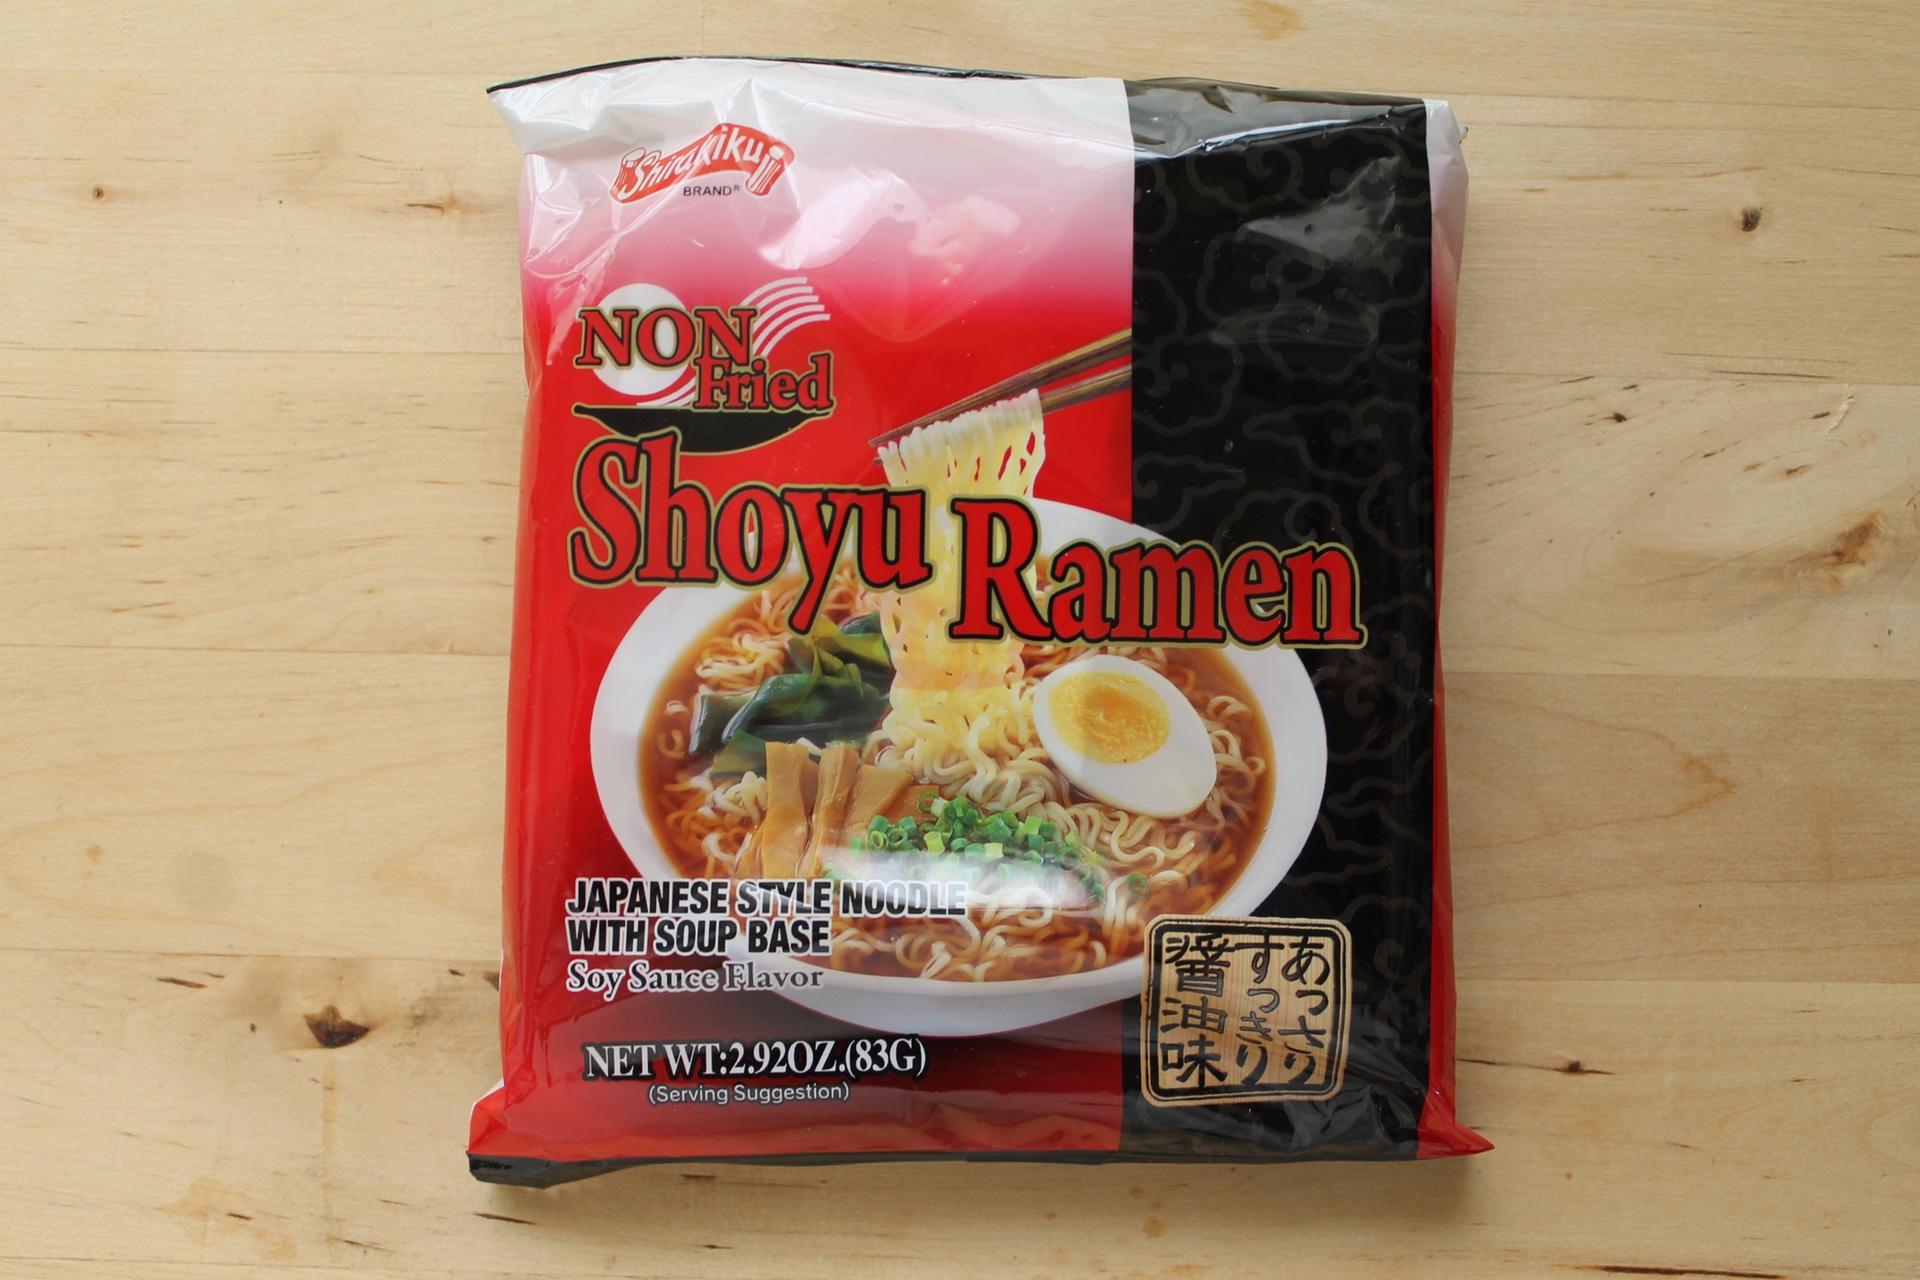 Shirakiku Non-Fried Shoyu Ramen.